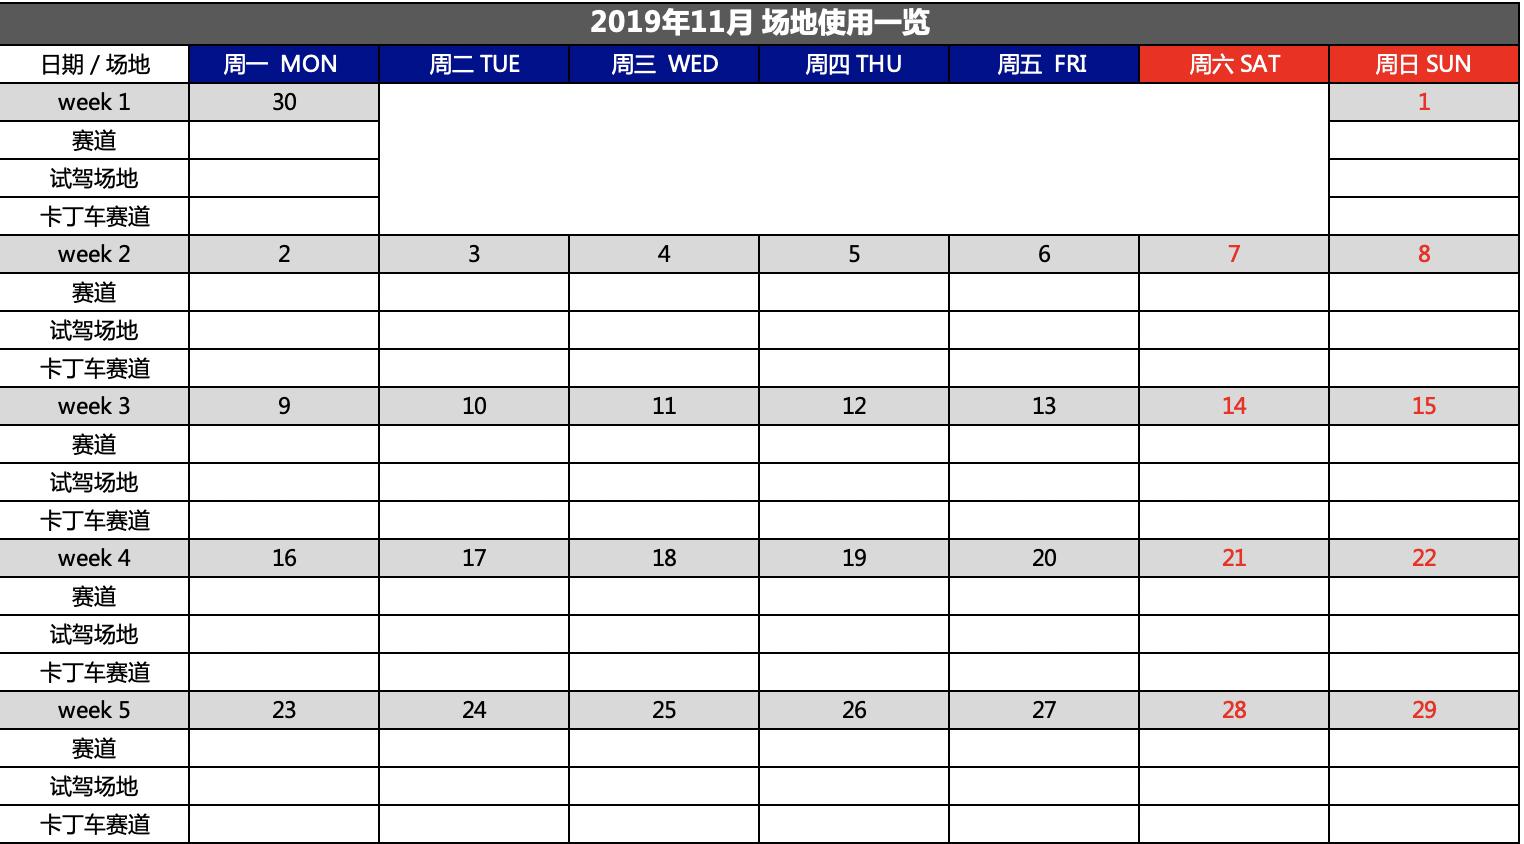 上海赛车场赛事安排_赛场日程 - 北京中汽联赛车场